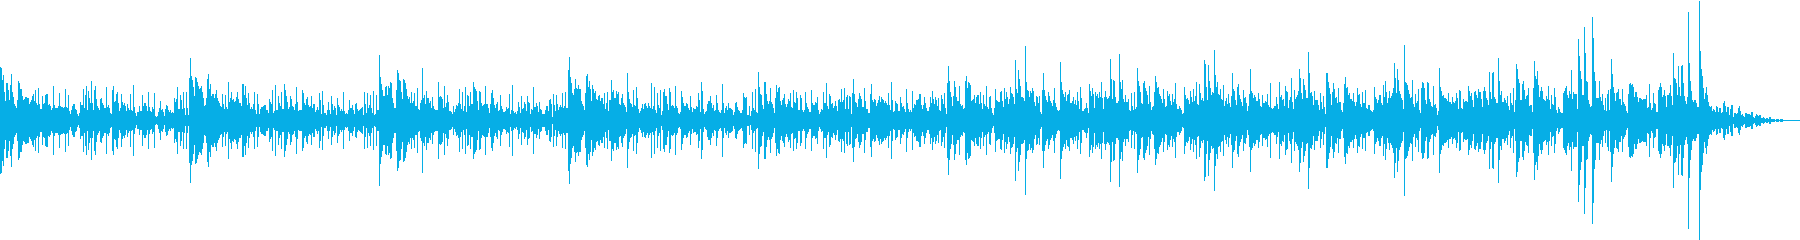 ウクレレで南の島のイメージの再生済みの波形